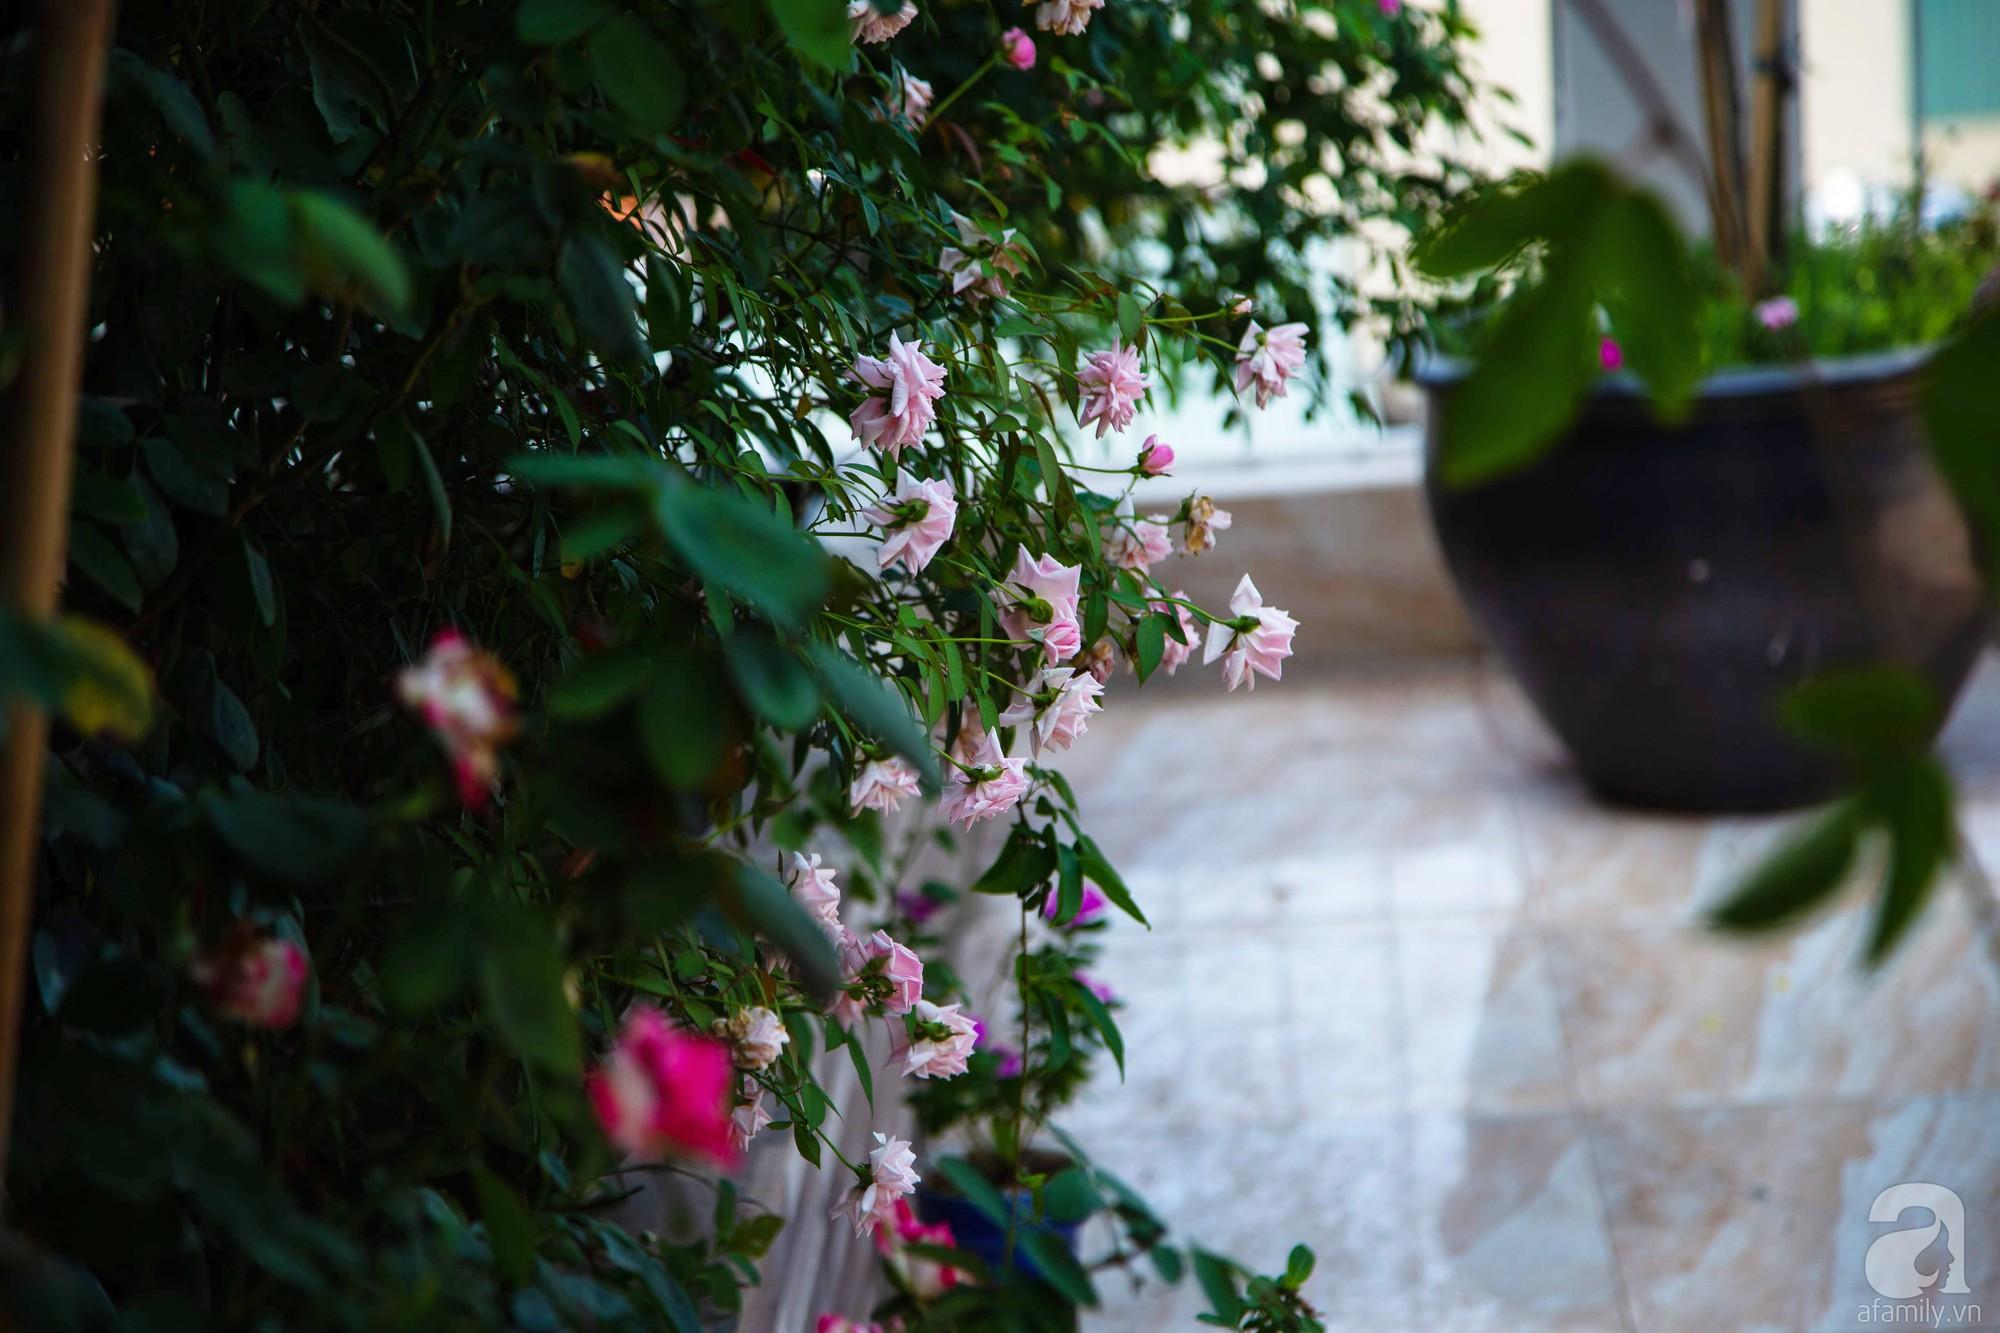 Khu vườn trên sân thượng rộng 200m² đẹp ngỡ ngàng với trăm loài hoa đua nhau khoe sắc ở Hà Nội - Ảnh 6.